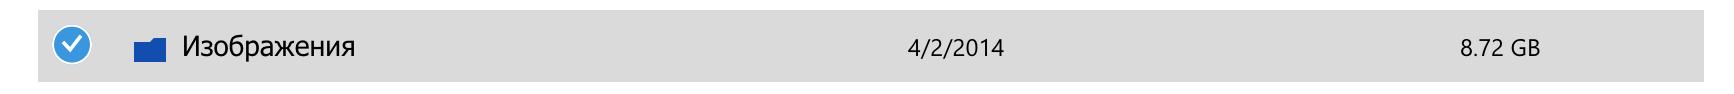 Как я забирал свои файлы с OneDrive - 1